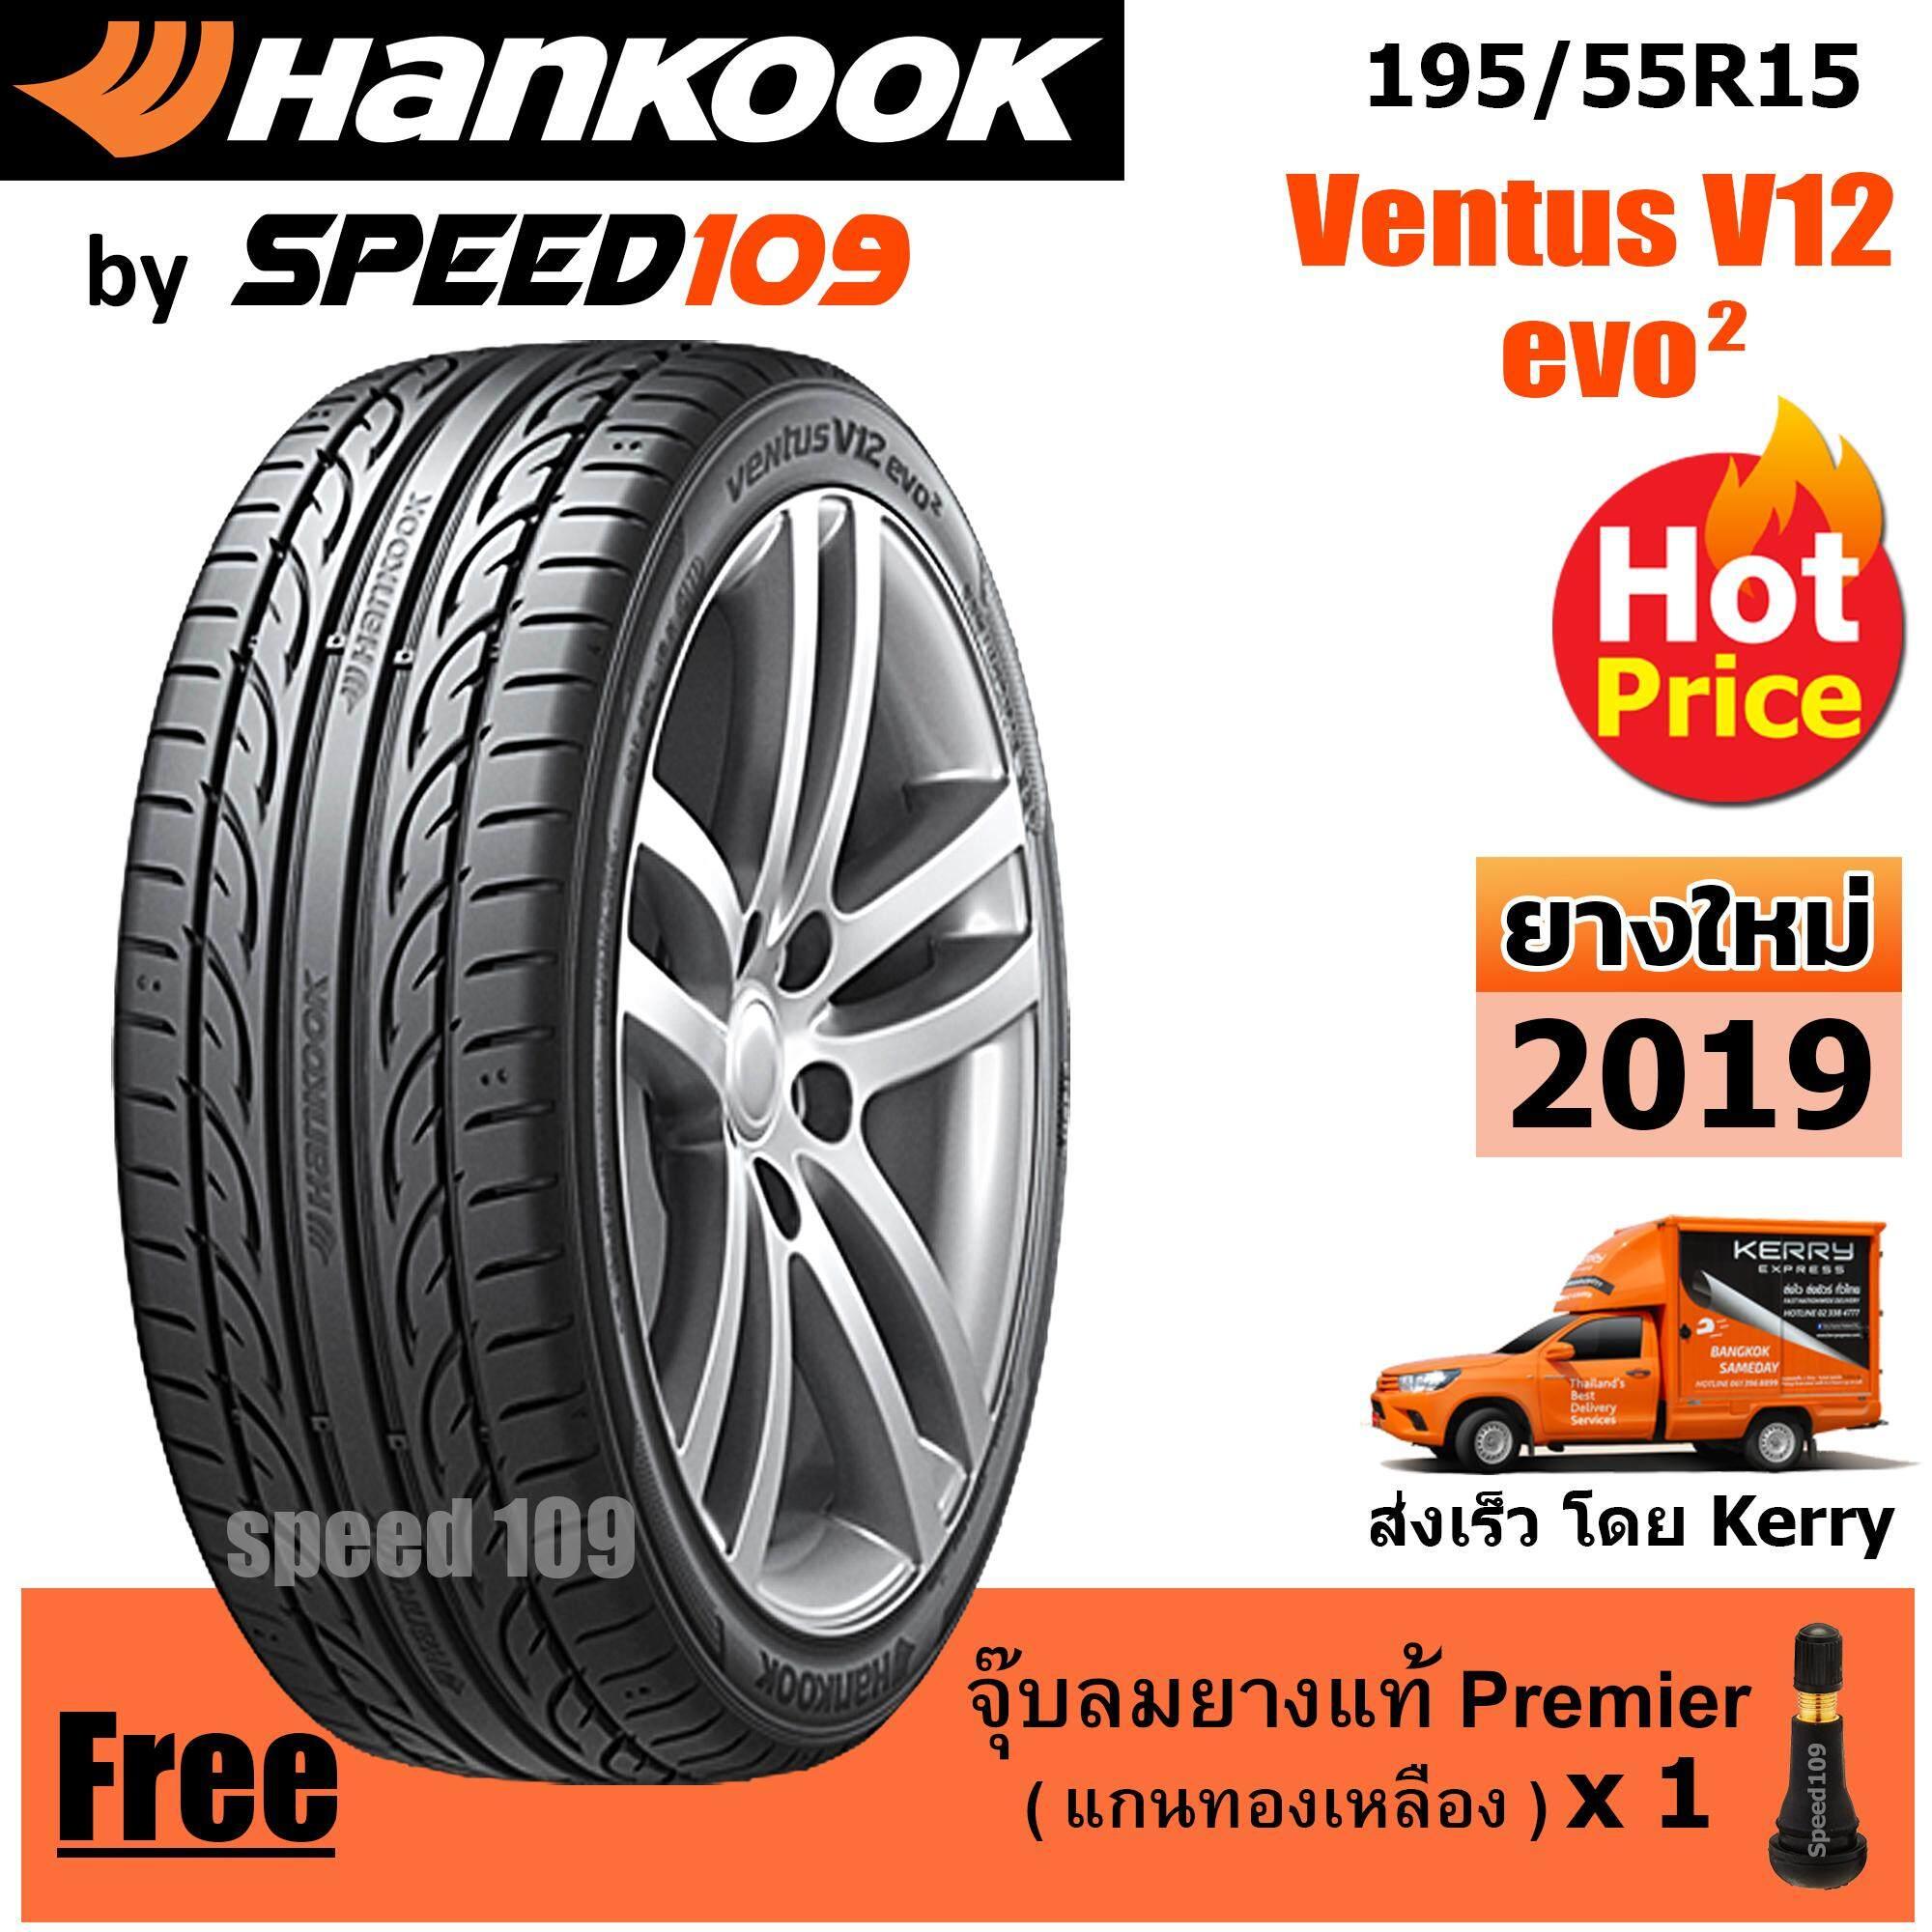 ประกันภัย รถยนต์ 3 พลัส ราคา ถูก อุทัยธานี HANKOOK ยางรถยนต์ ขอบ 15 ขนาด 195/55R15 รุ่น Ventus V12 Evo2 - 1 เส้น (ปี 2019)